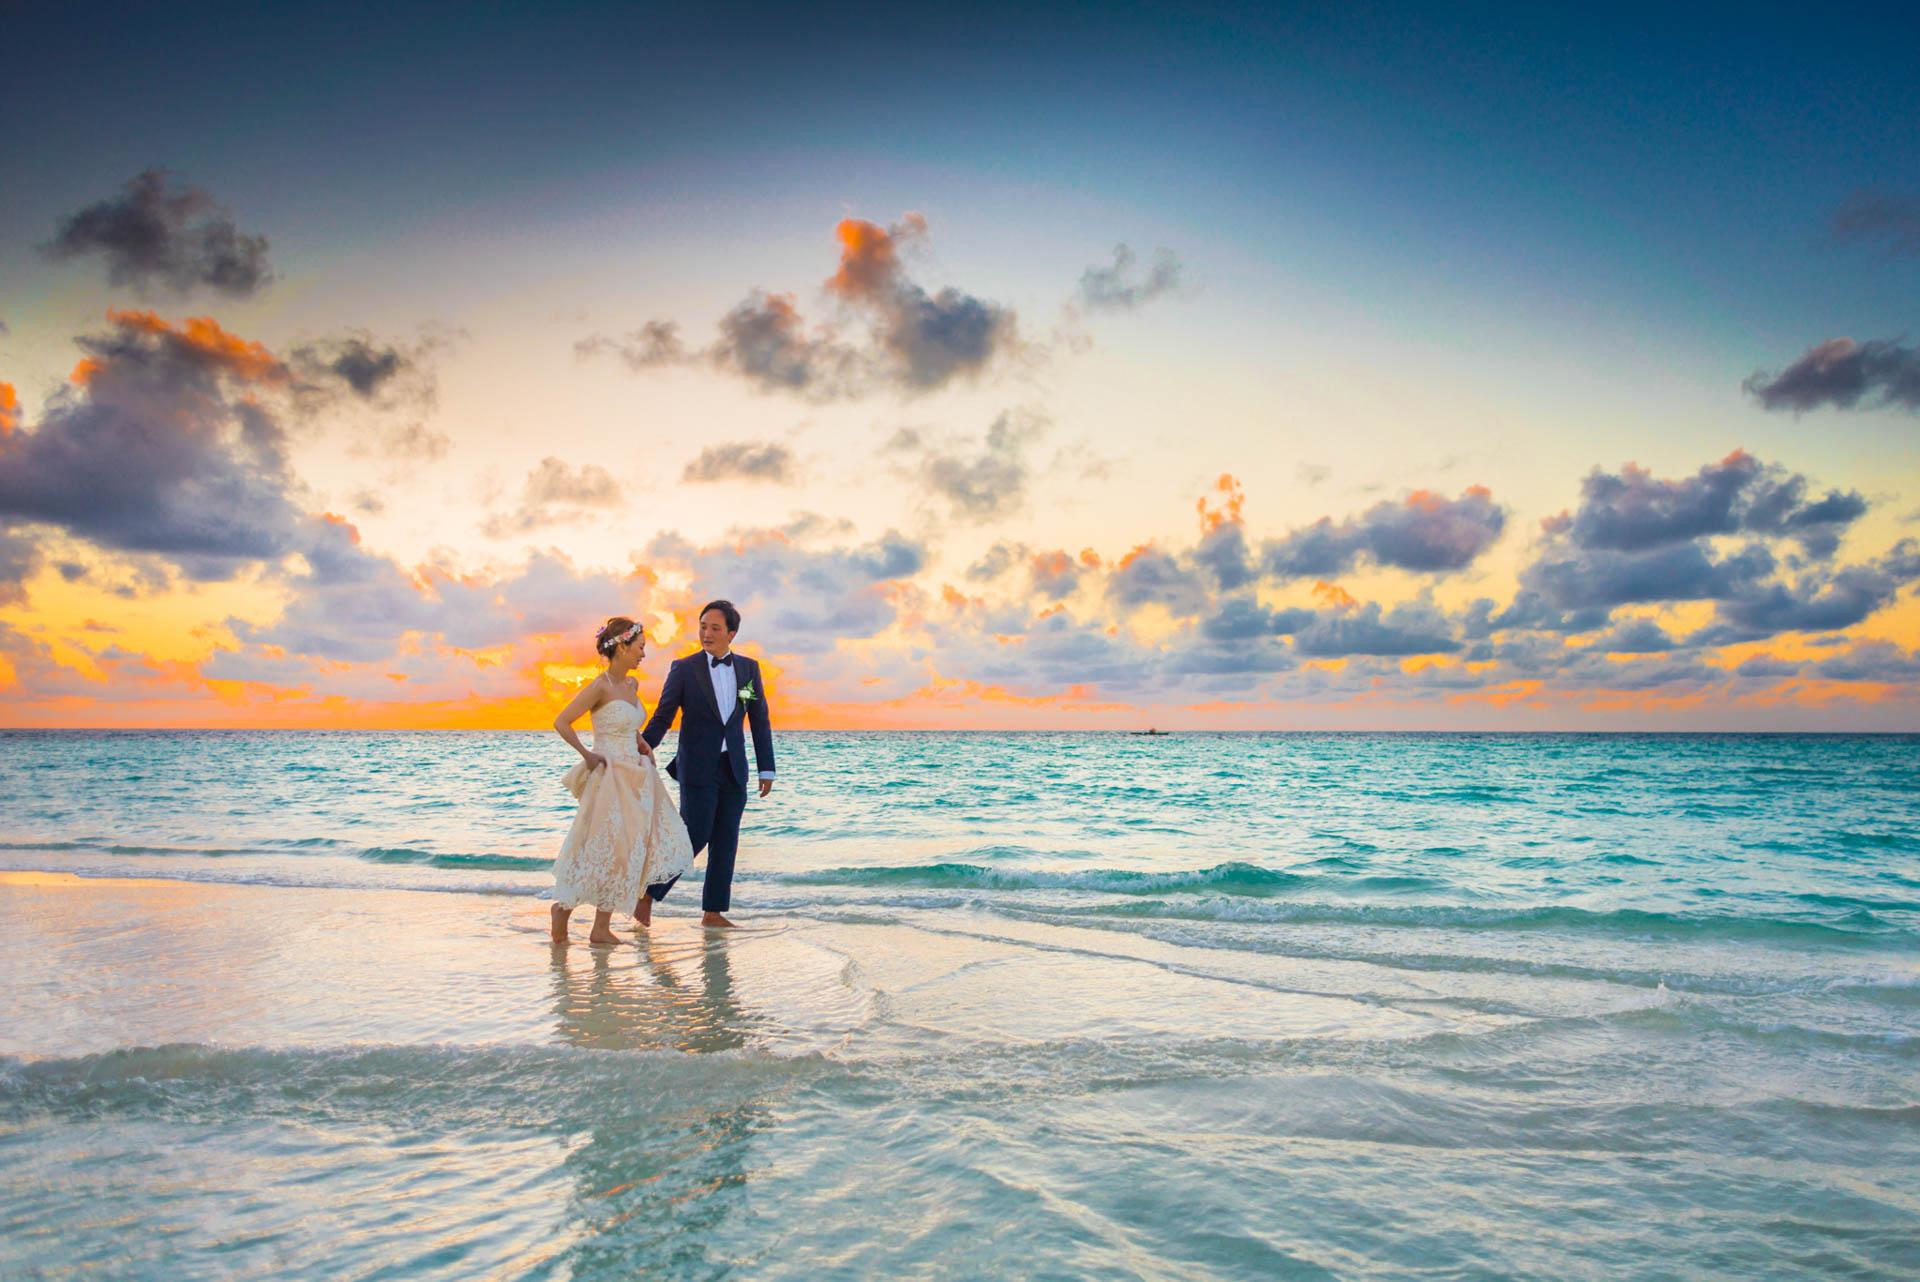 Kang Kim Sand Bank Wedding at St Regis Vommuly Maldives 8